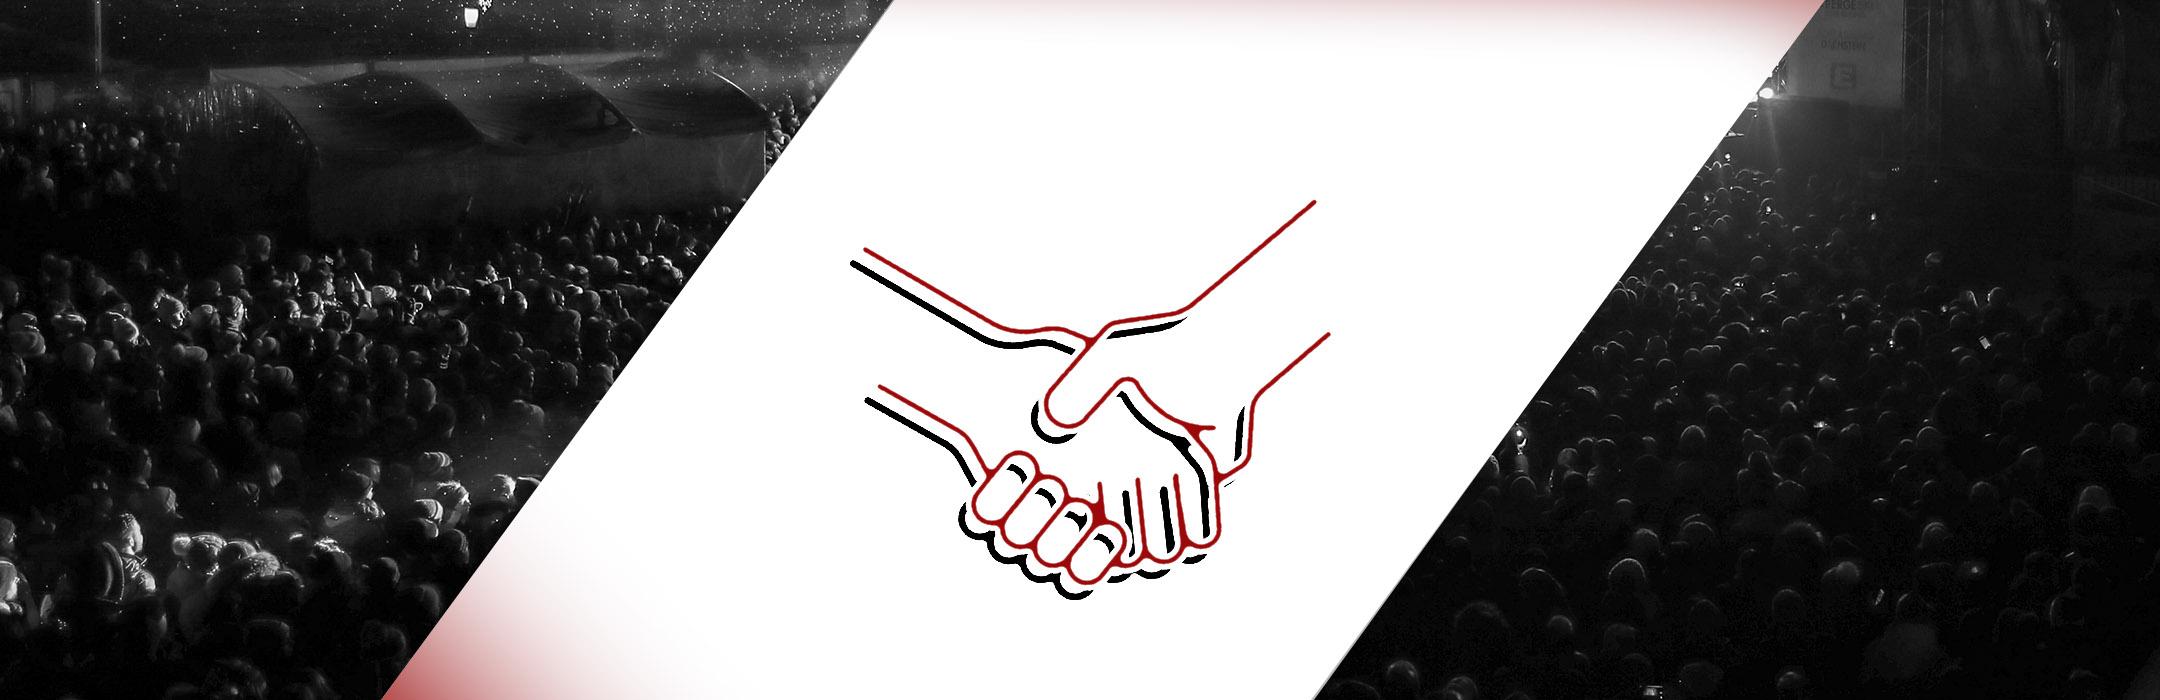 Titelbild Über uns - event-akademie.at. Mittig zeigt eine Grafik Händeschütteln, im Hintergrund sieht man das Publikum bei einer Live-Veranstaltung in einer Konzerthalle.